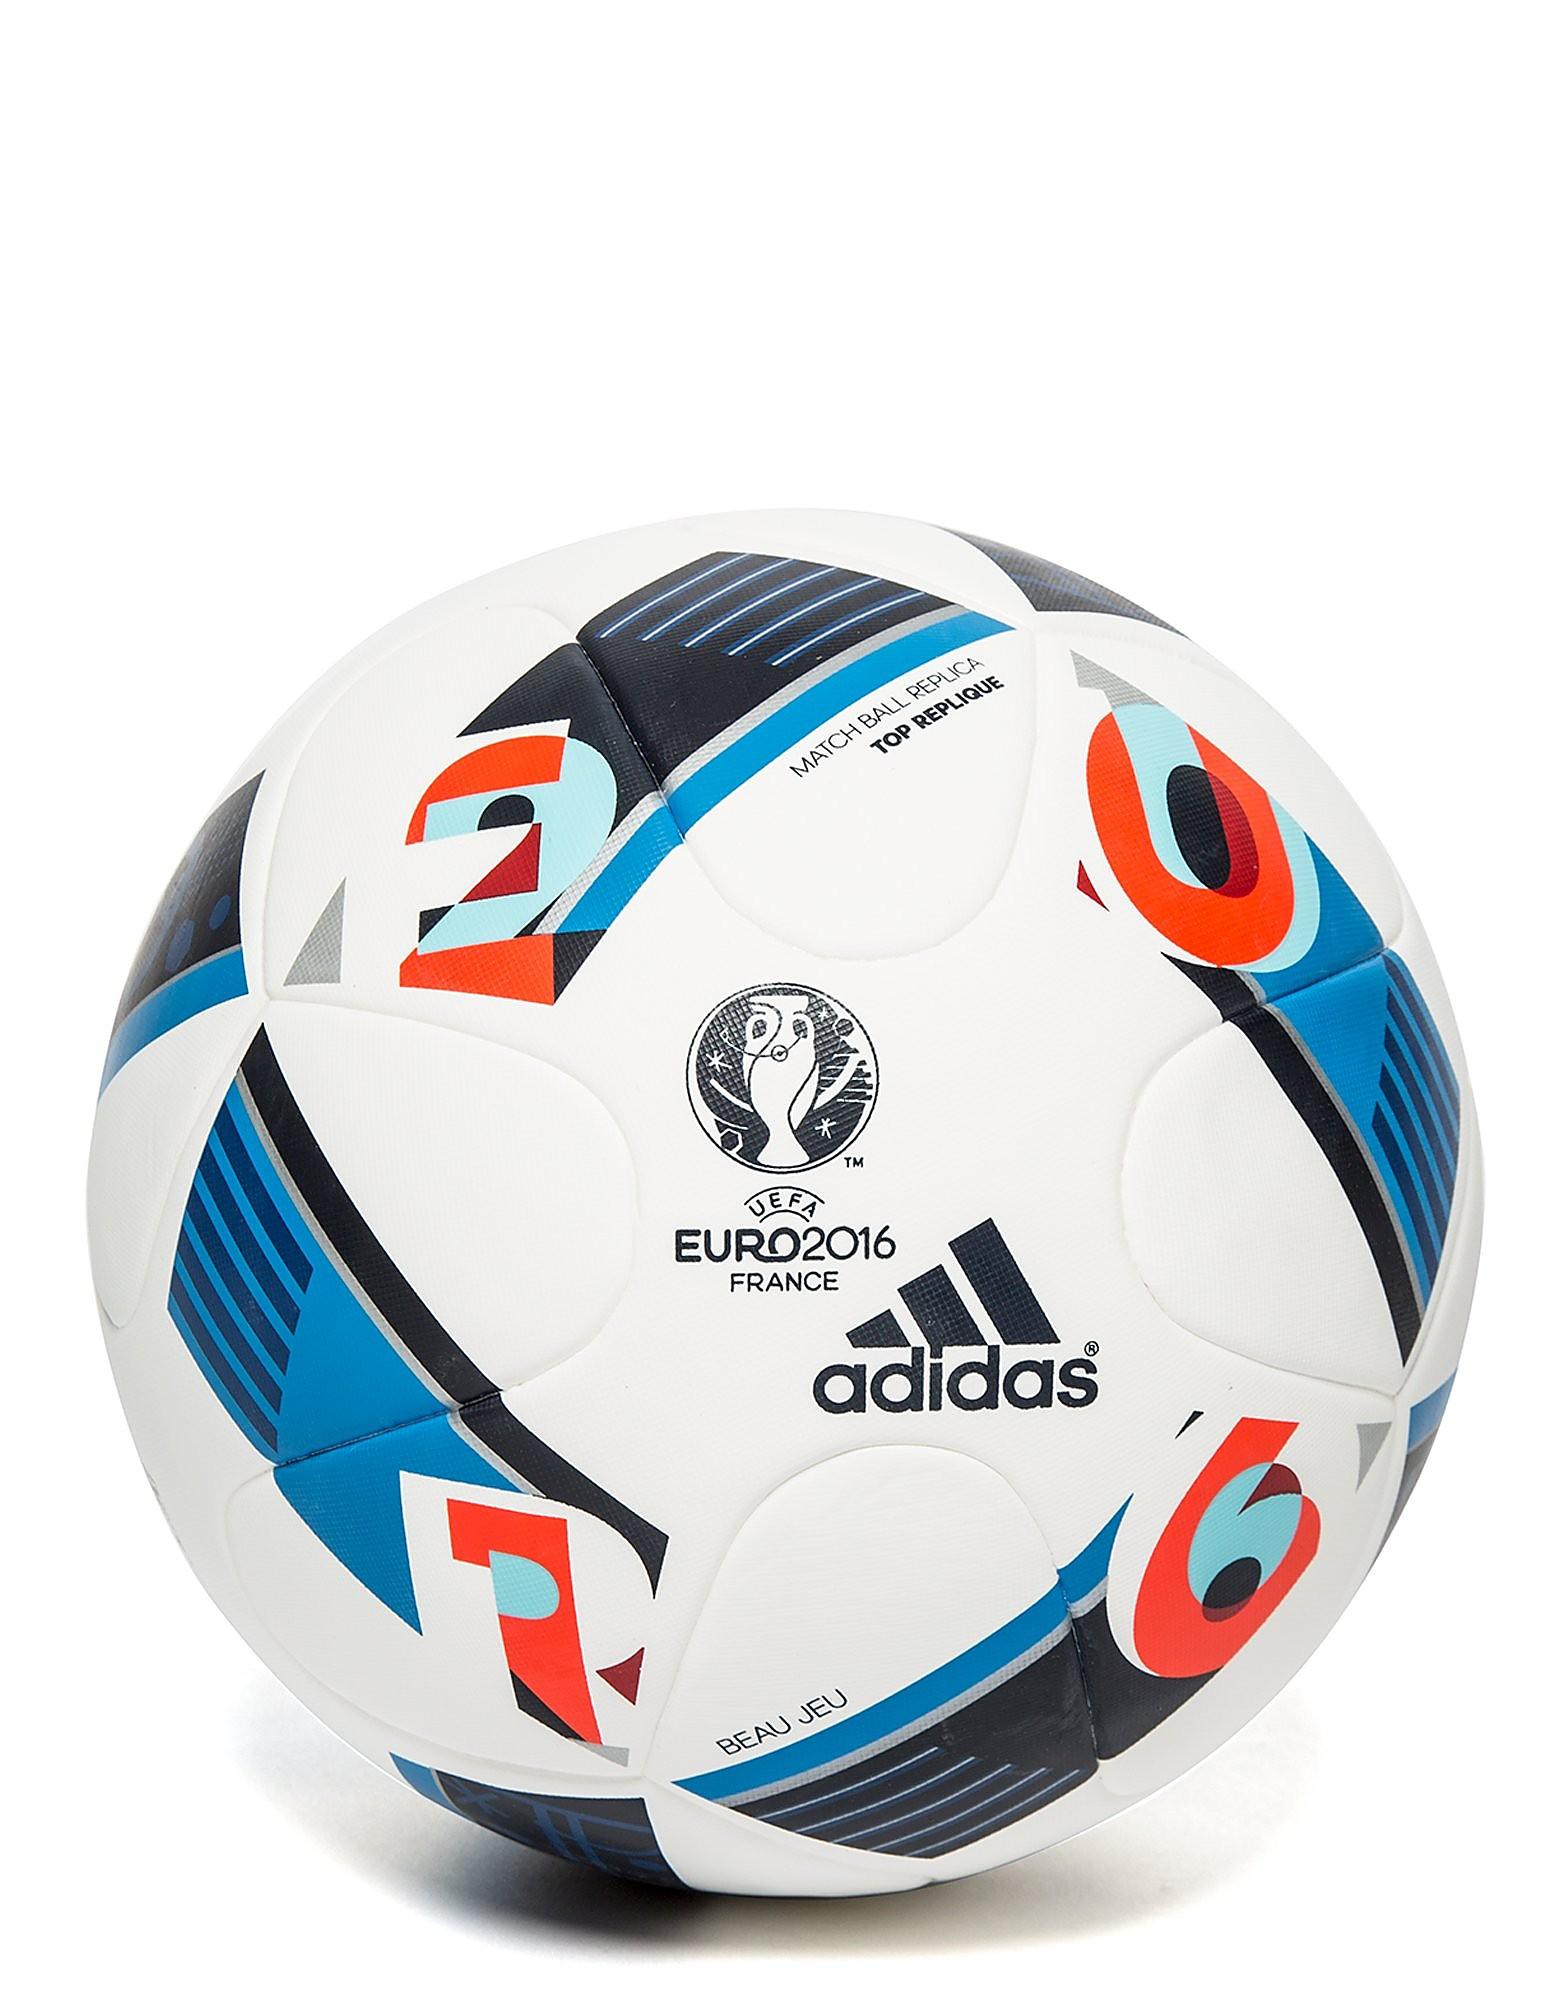 adidas Euro 2016 Replique Fußball